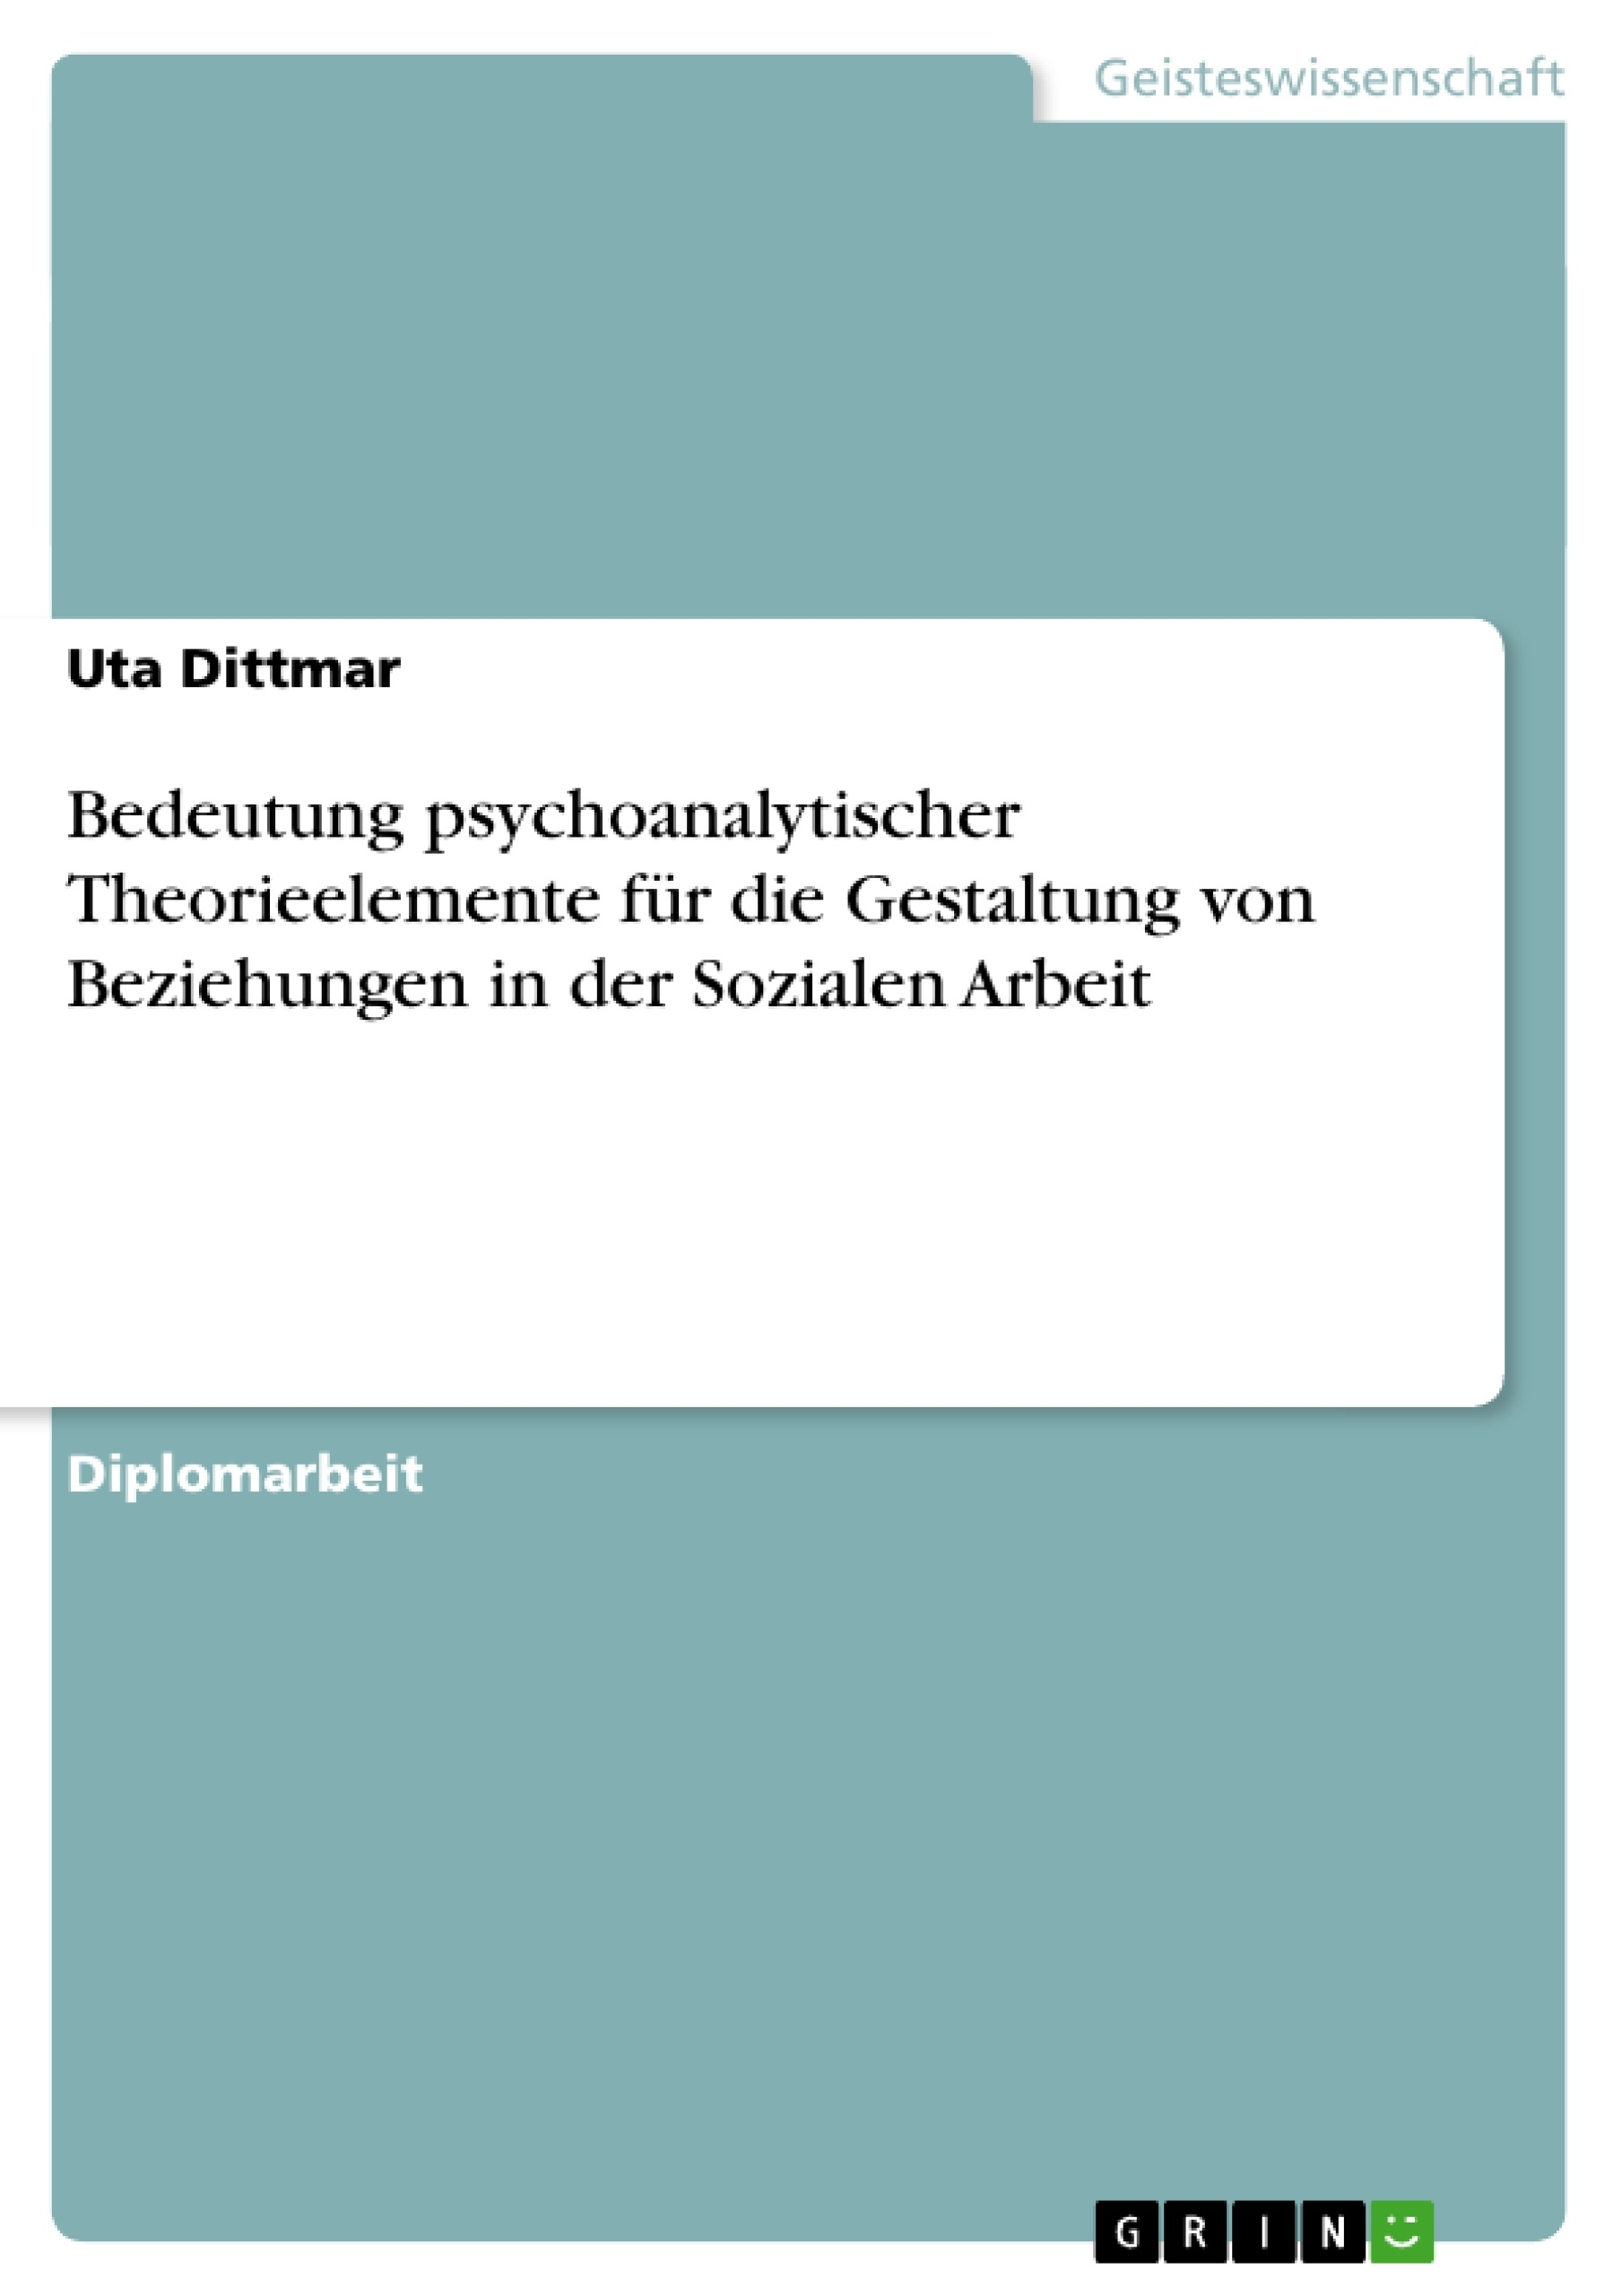 Titel: Bedeutung psychoanalytischer Theorieelemente für die Gestaltung von Beziehungen in der Sozialen Arbeit